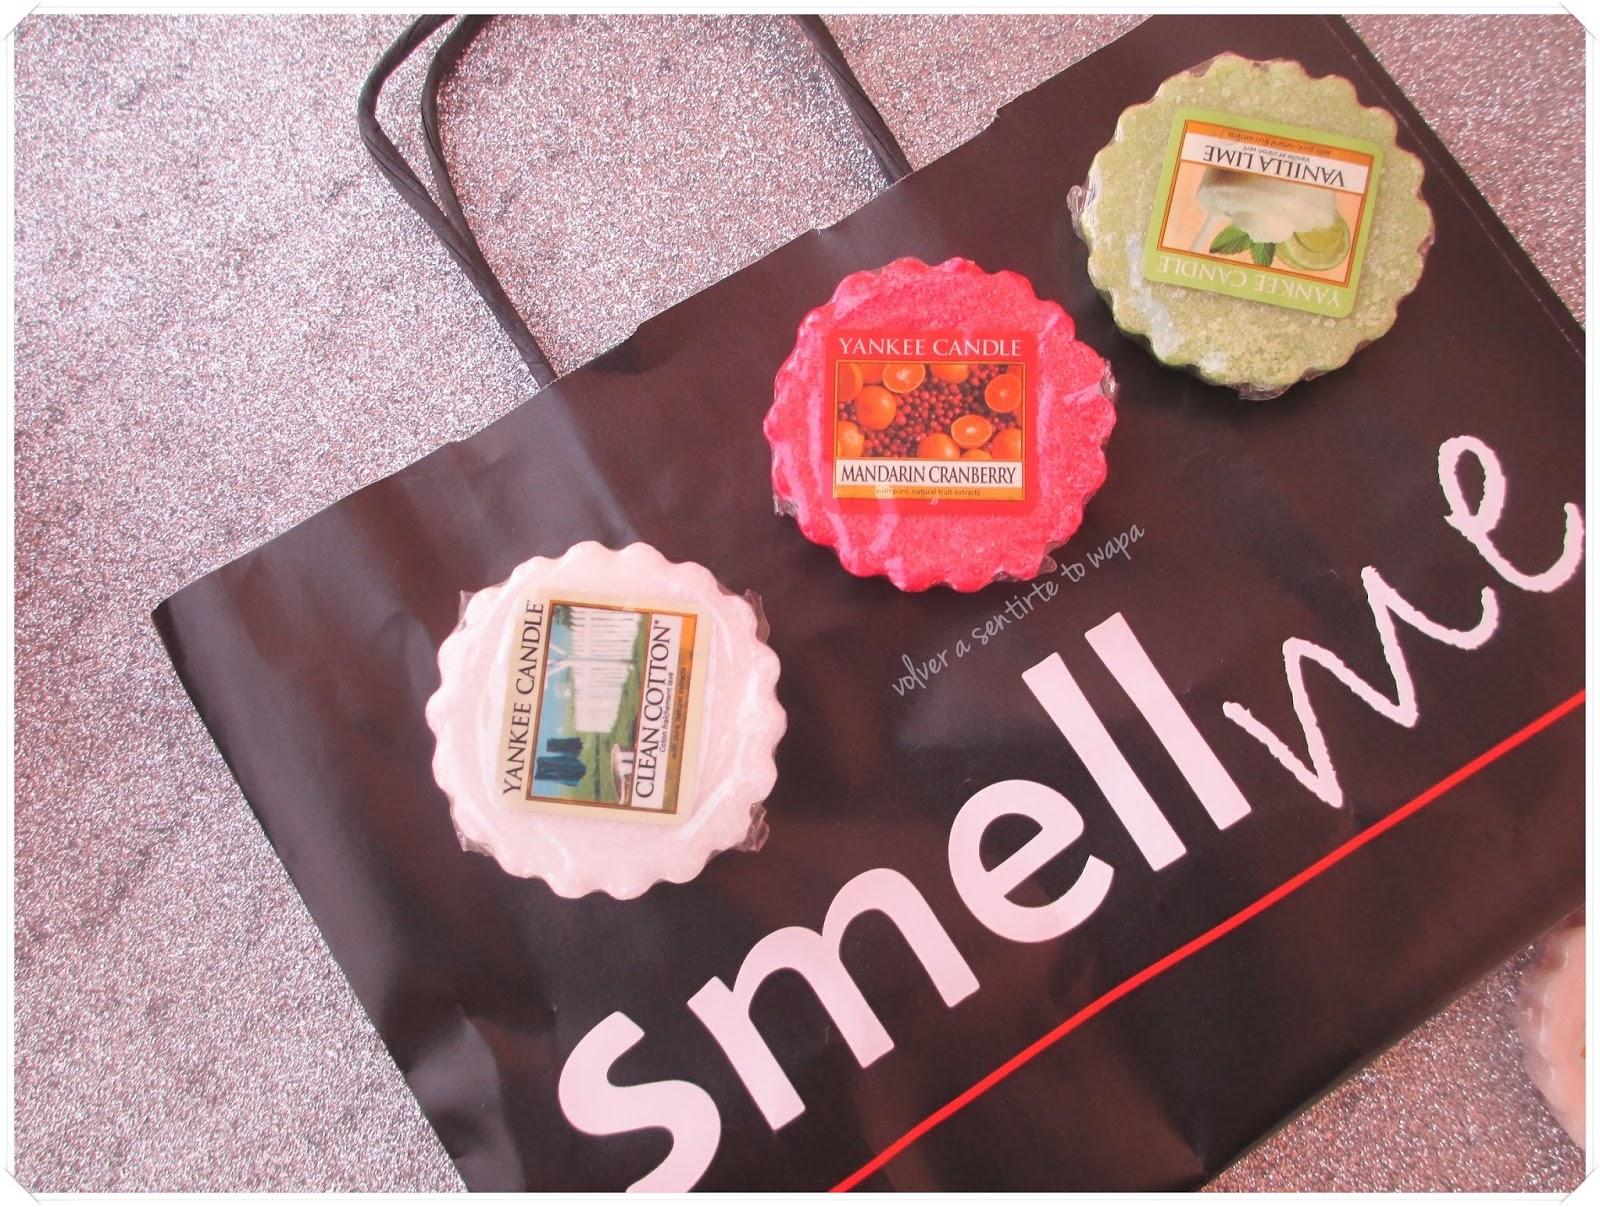 Yankee Candle {tarts}: Manual de uso y dónde comprarlas - Smell me Sant Cugat